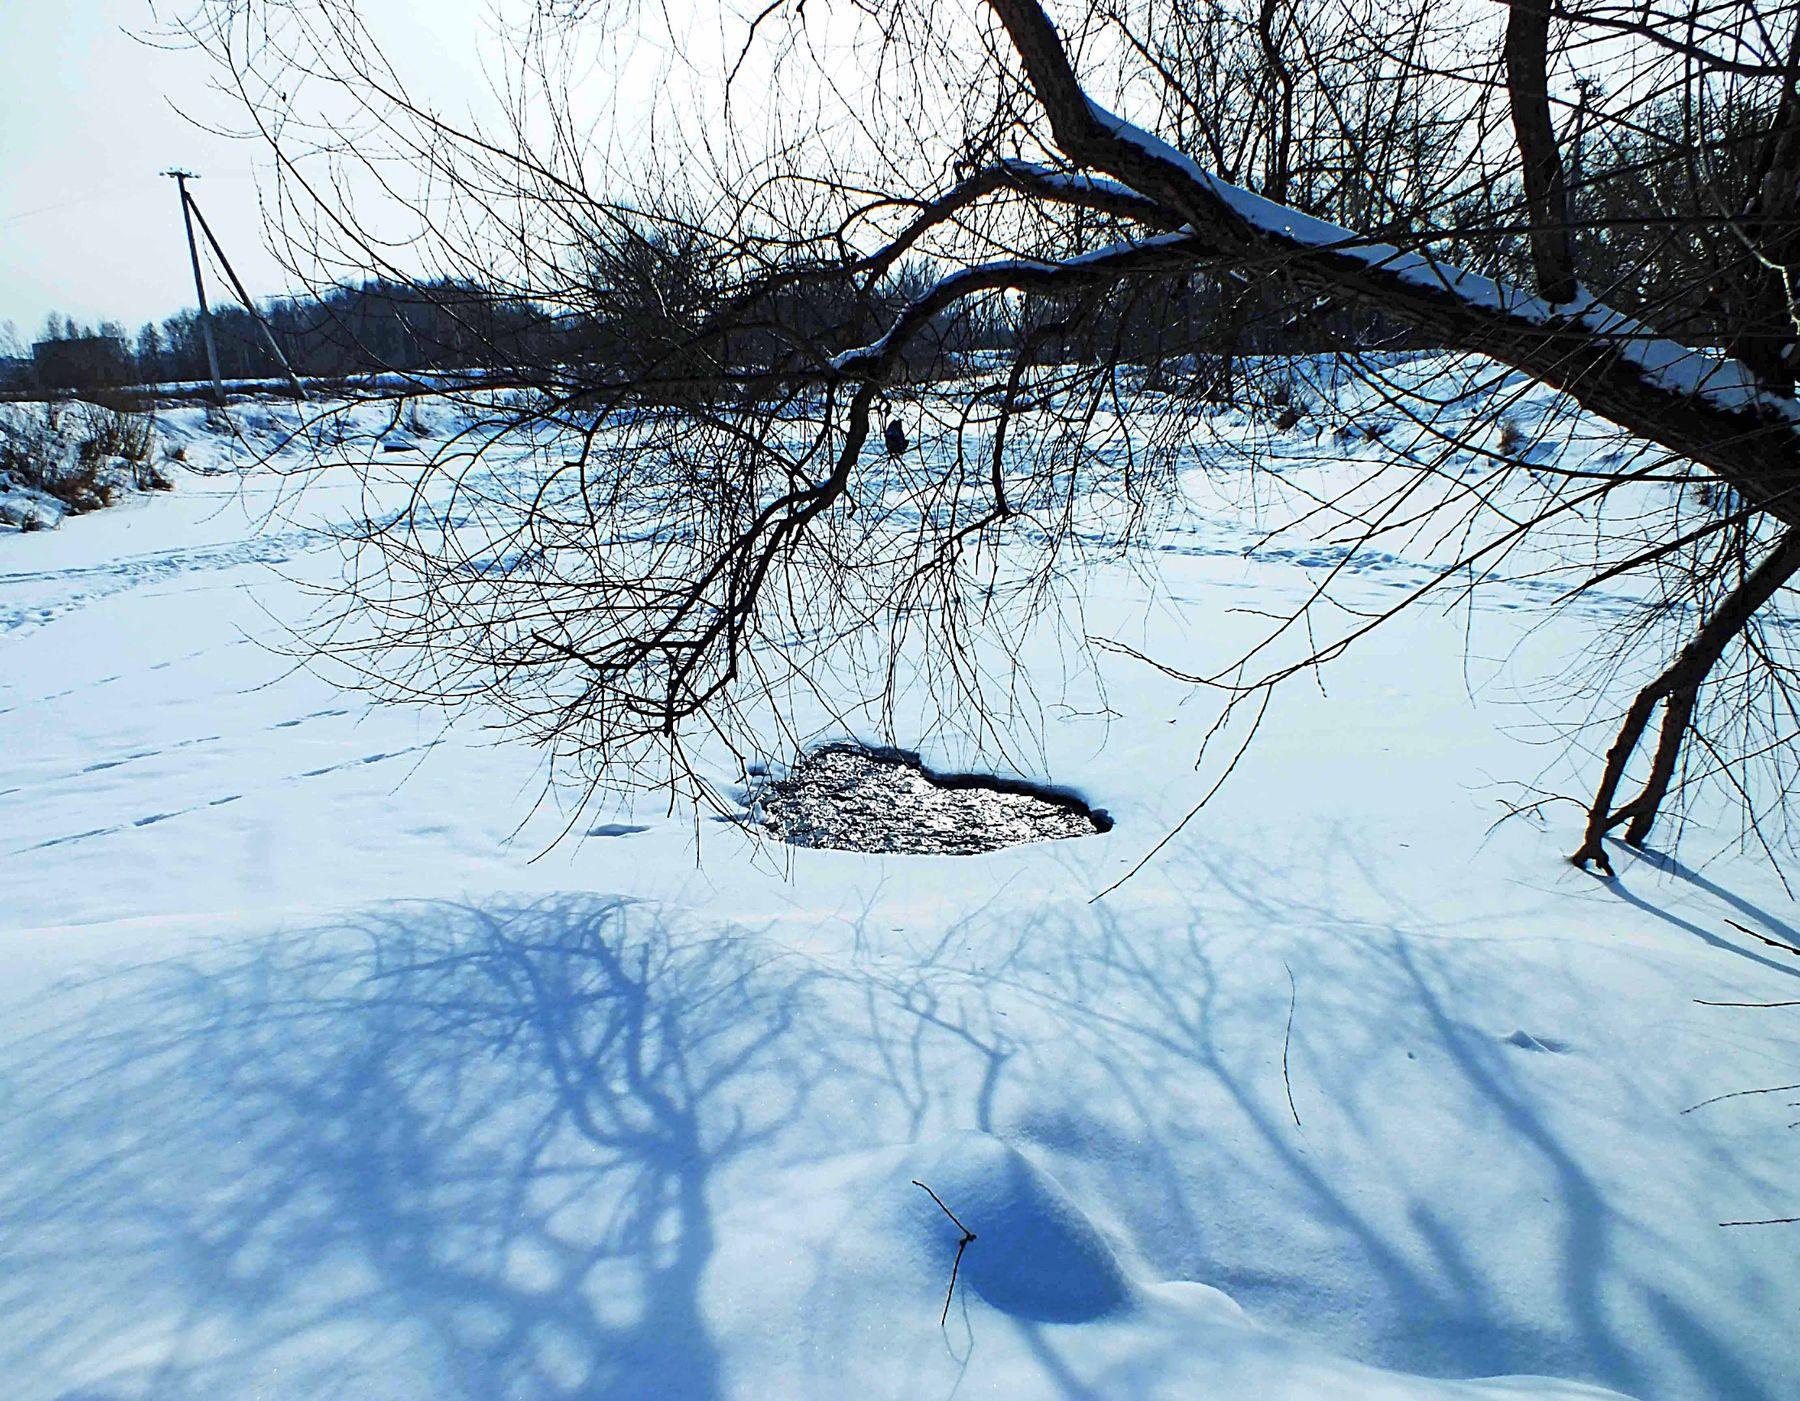 Это было в феврале зима снег февраль Тулица